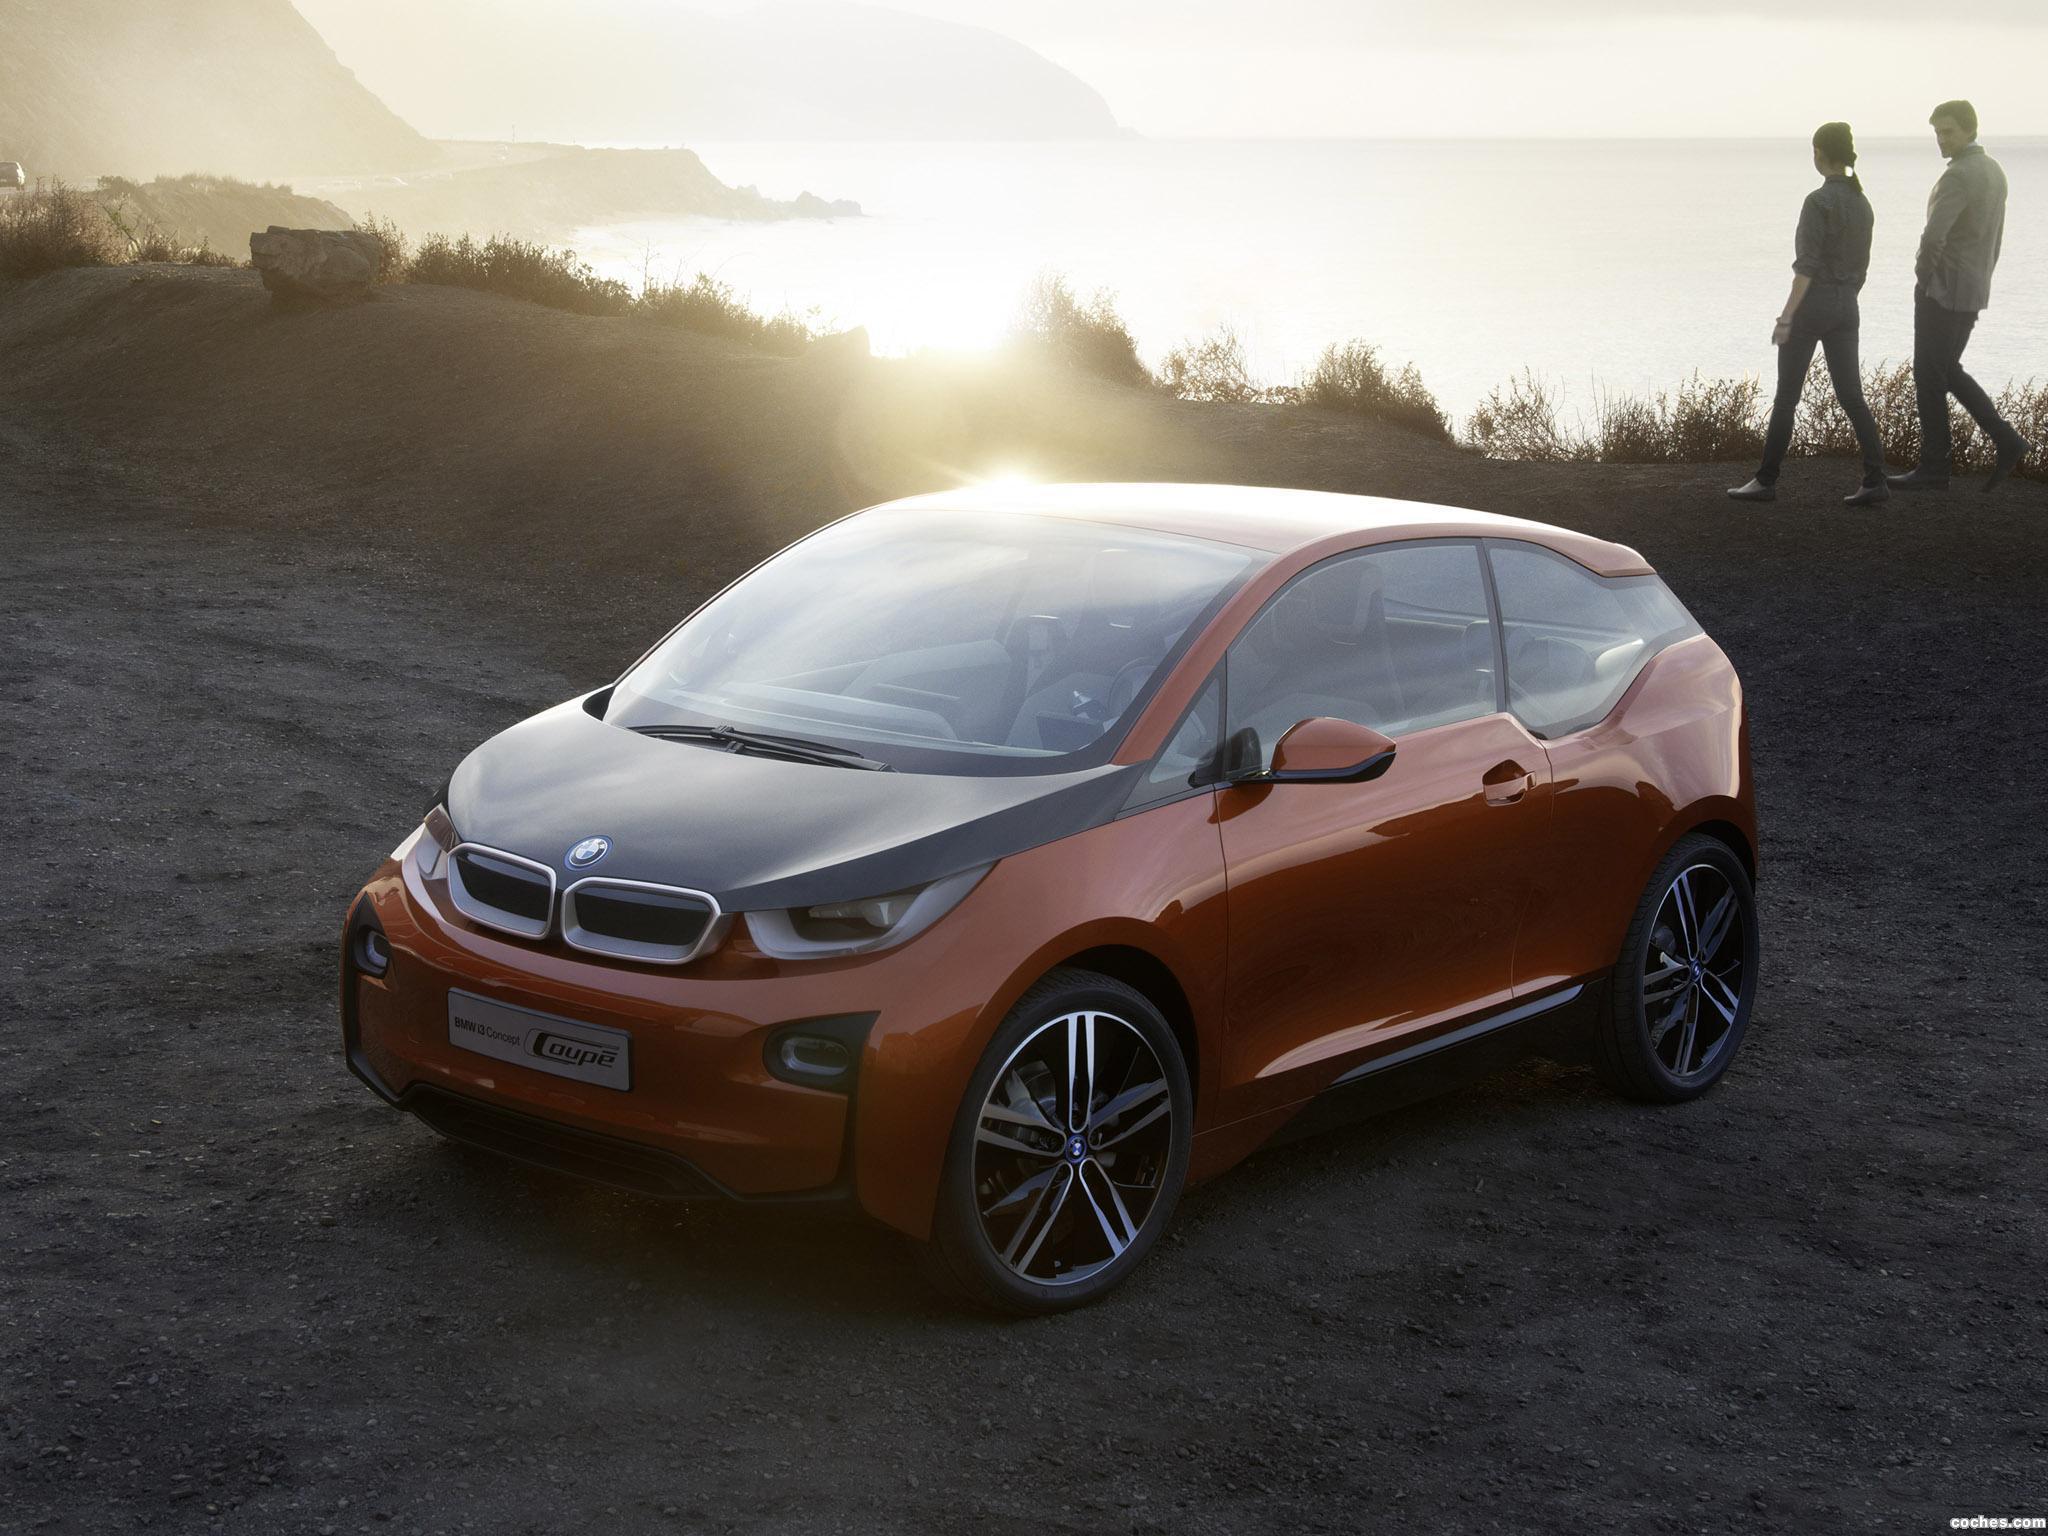 Foto 2 de BMW i3 Coupe Concept 2012